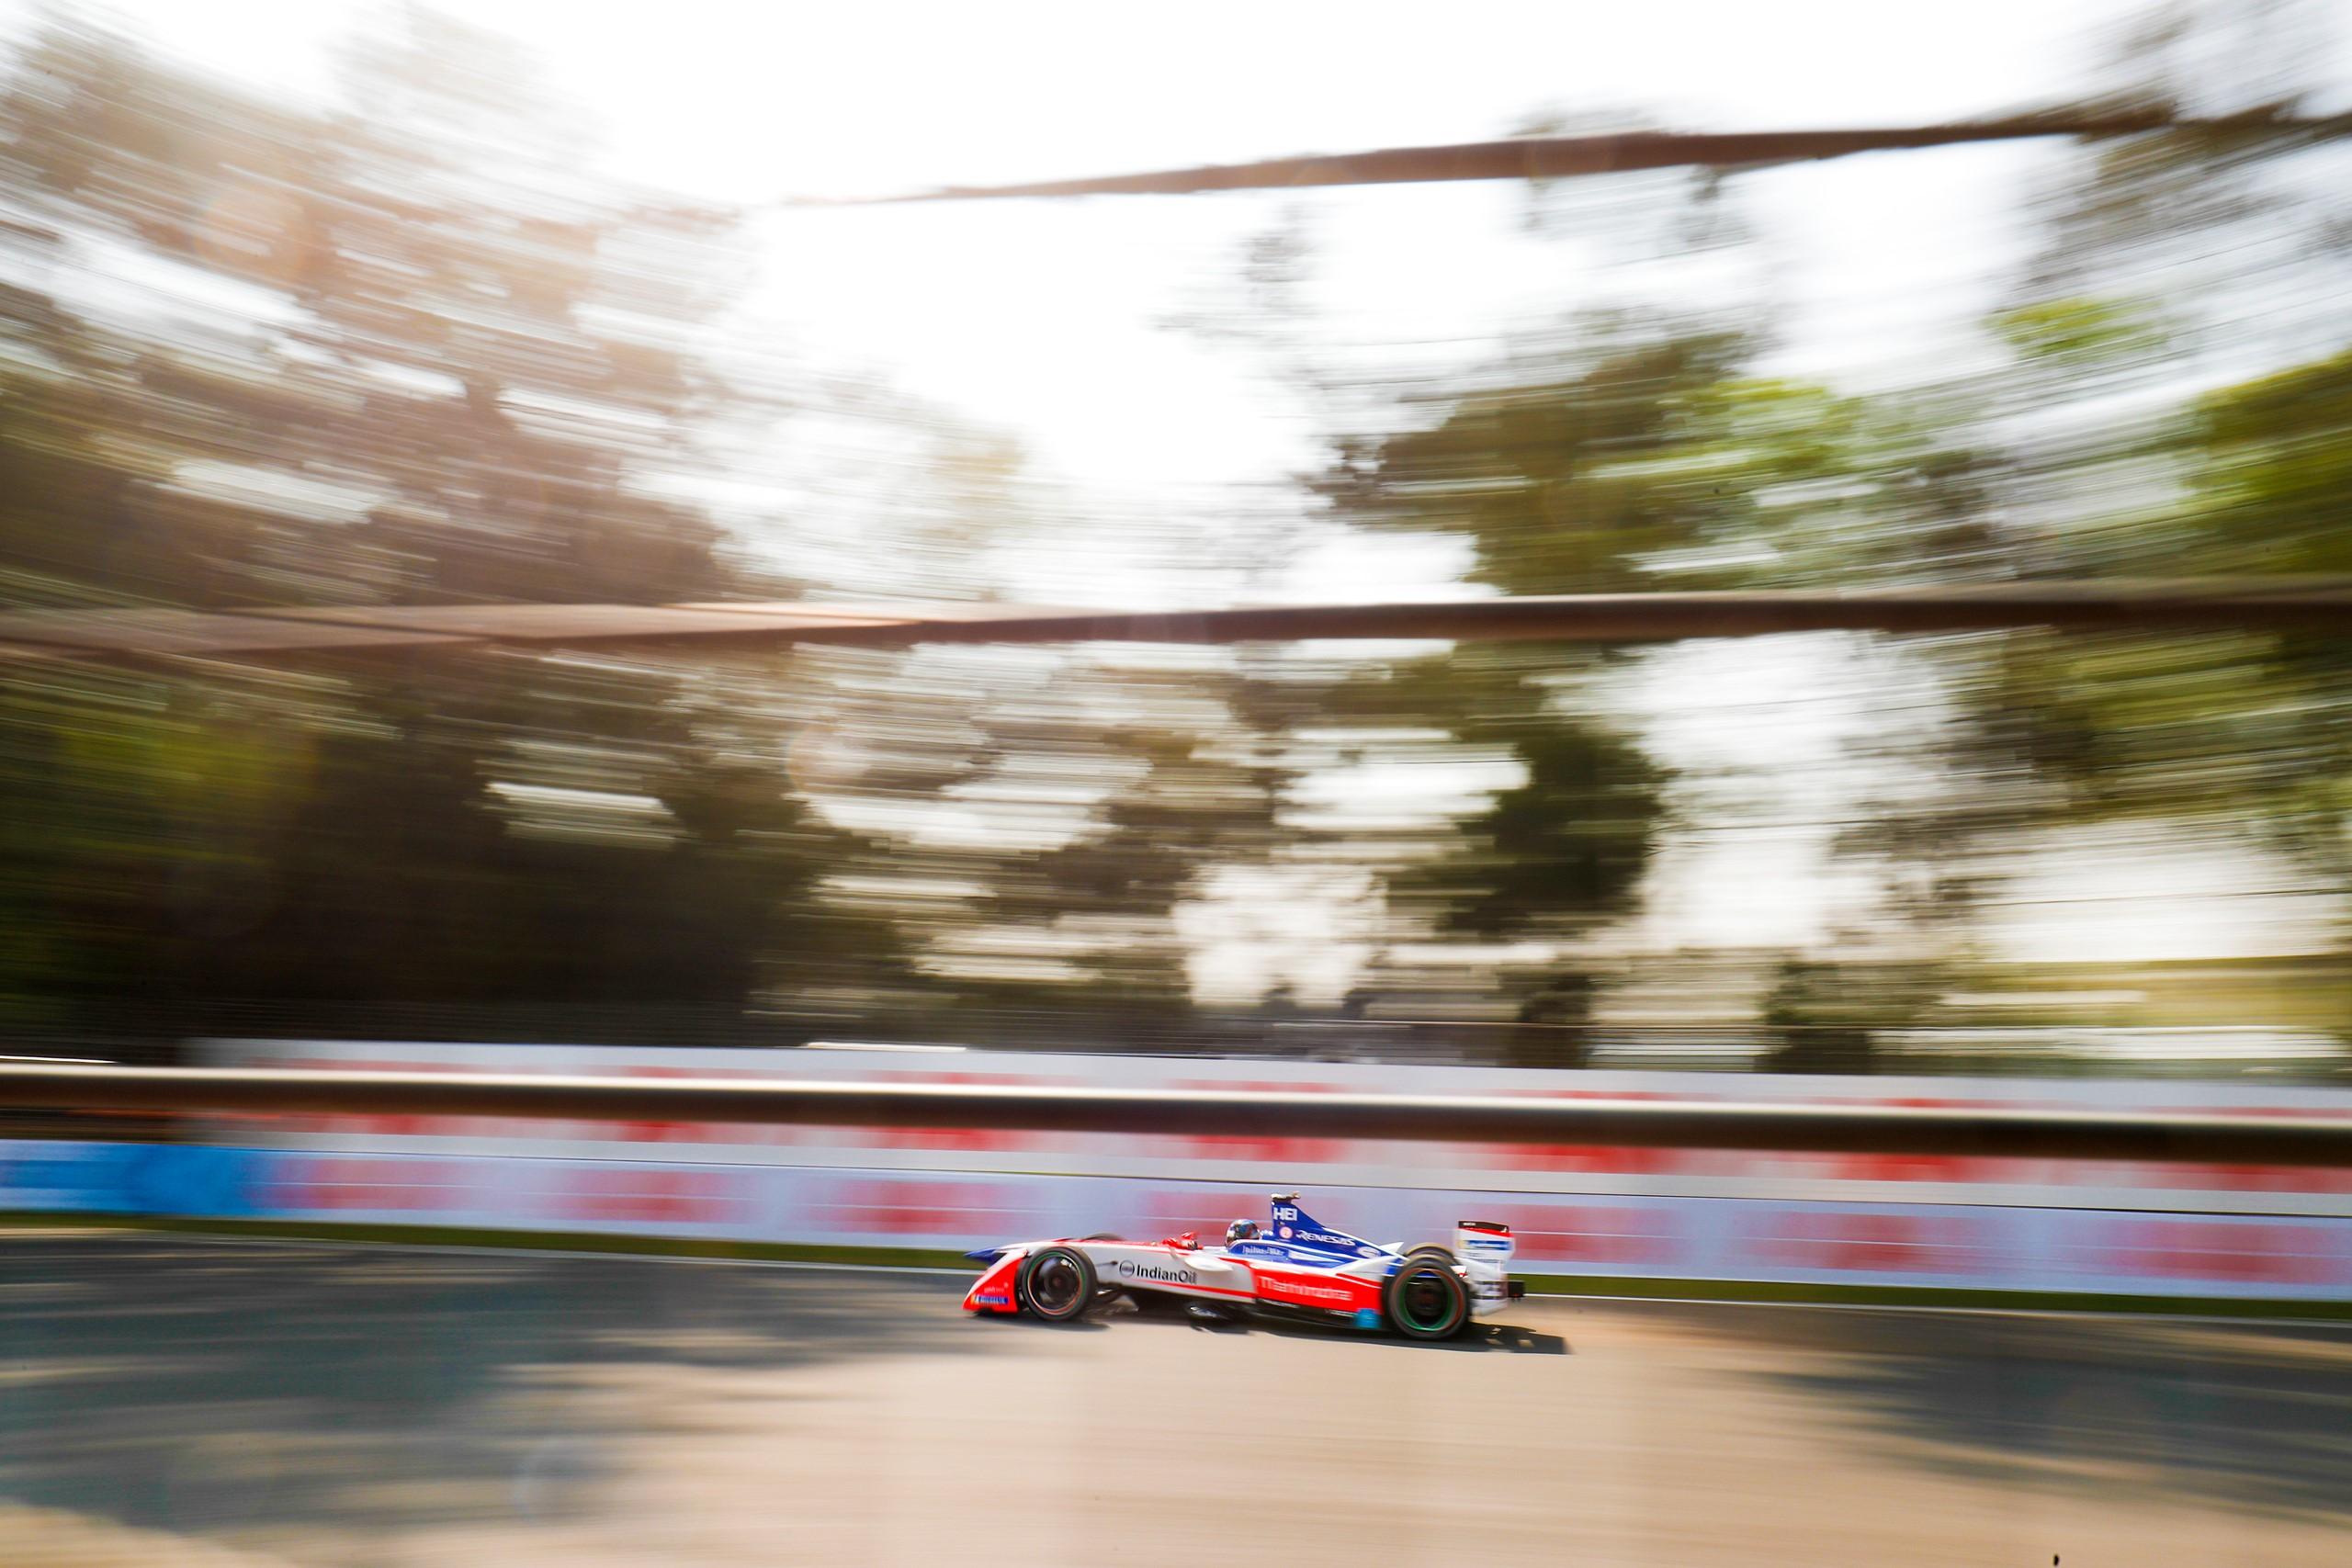 Nick Heidfeld Mahindra Racing Mexi City ePrix Formula E soumilarora.com